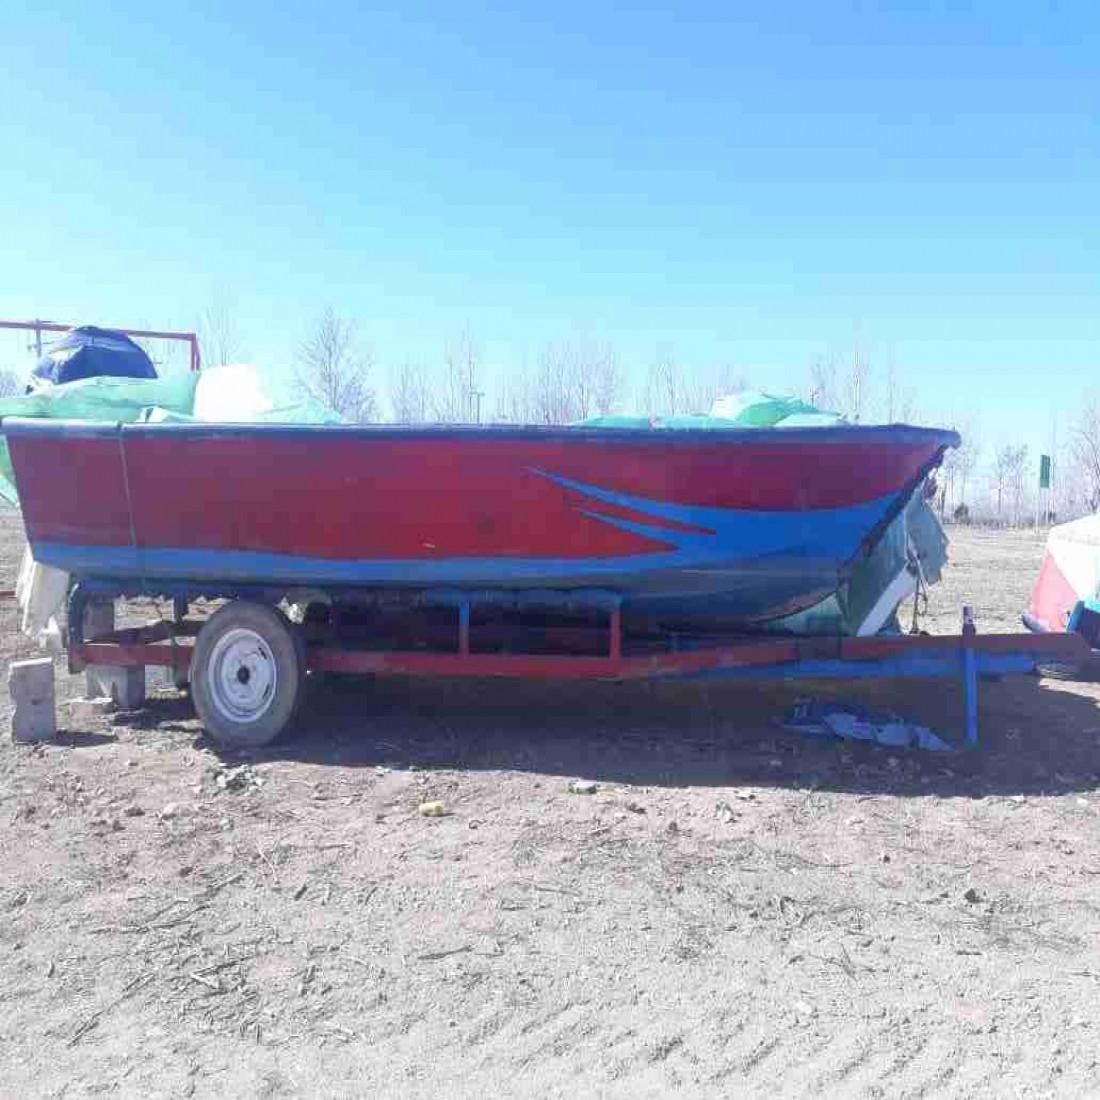 فروش 2 عدد قایق17 فوت